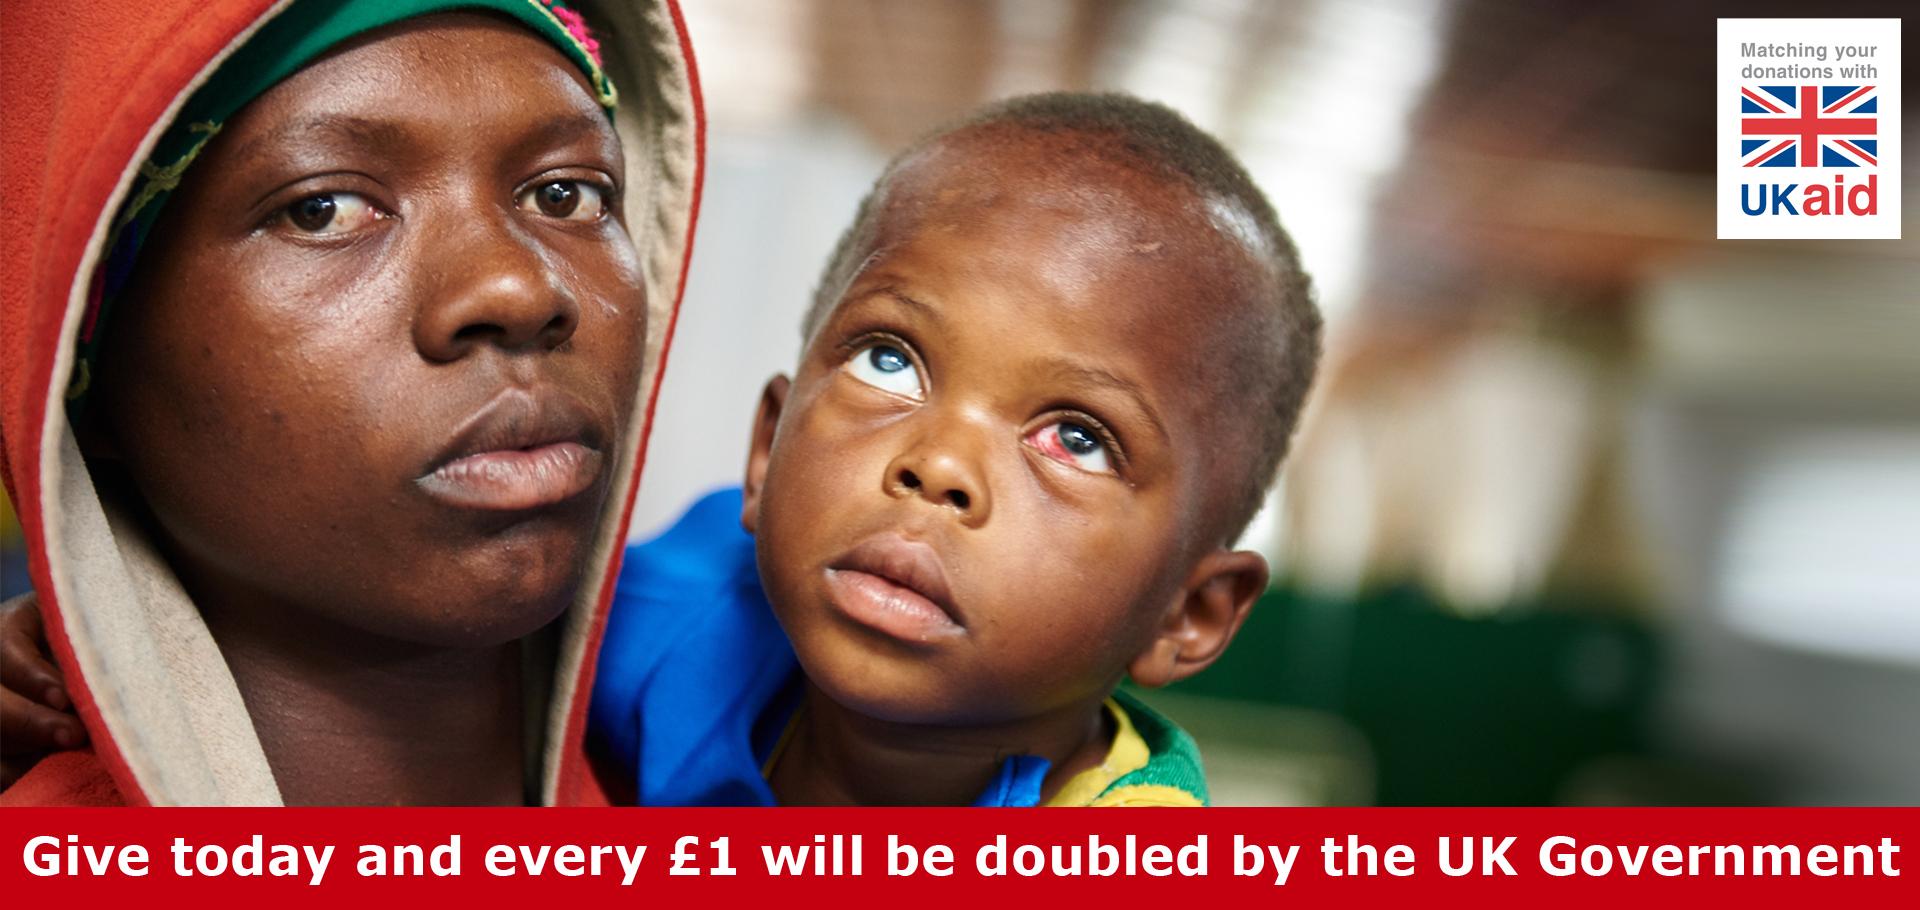 Theo from Rwanda has cataracts in both eyes.